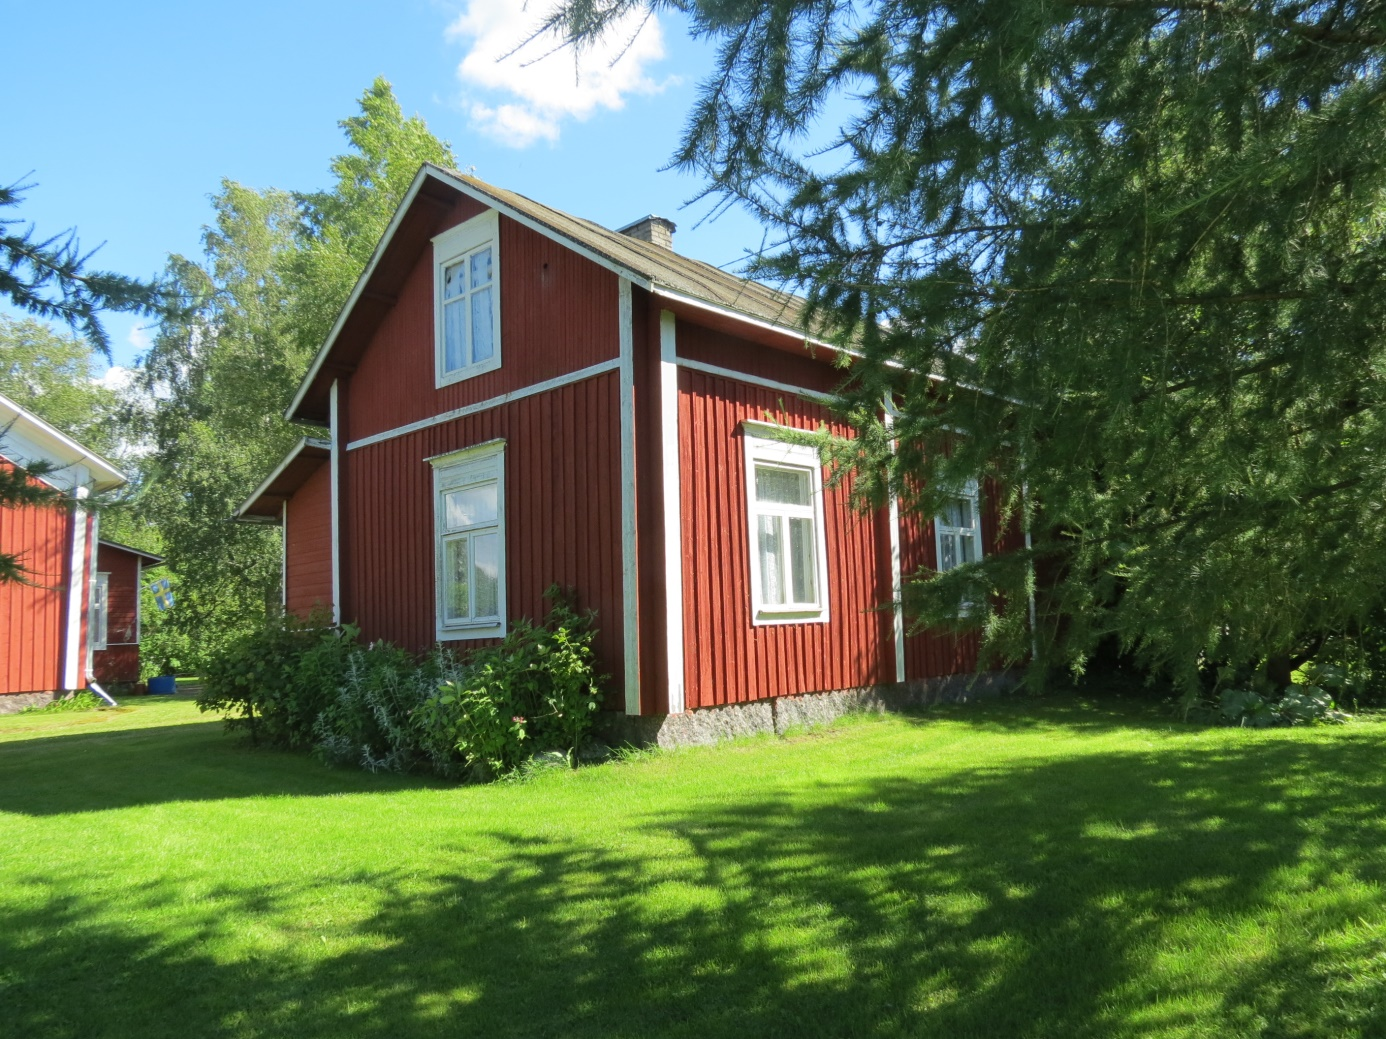 Erland och Selma Grönroos bodde i lillstugan efter att den yngre generationen tagit över huvudbyggnaden,